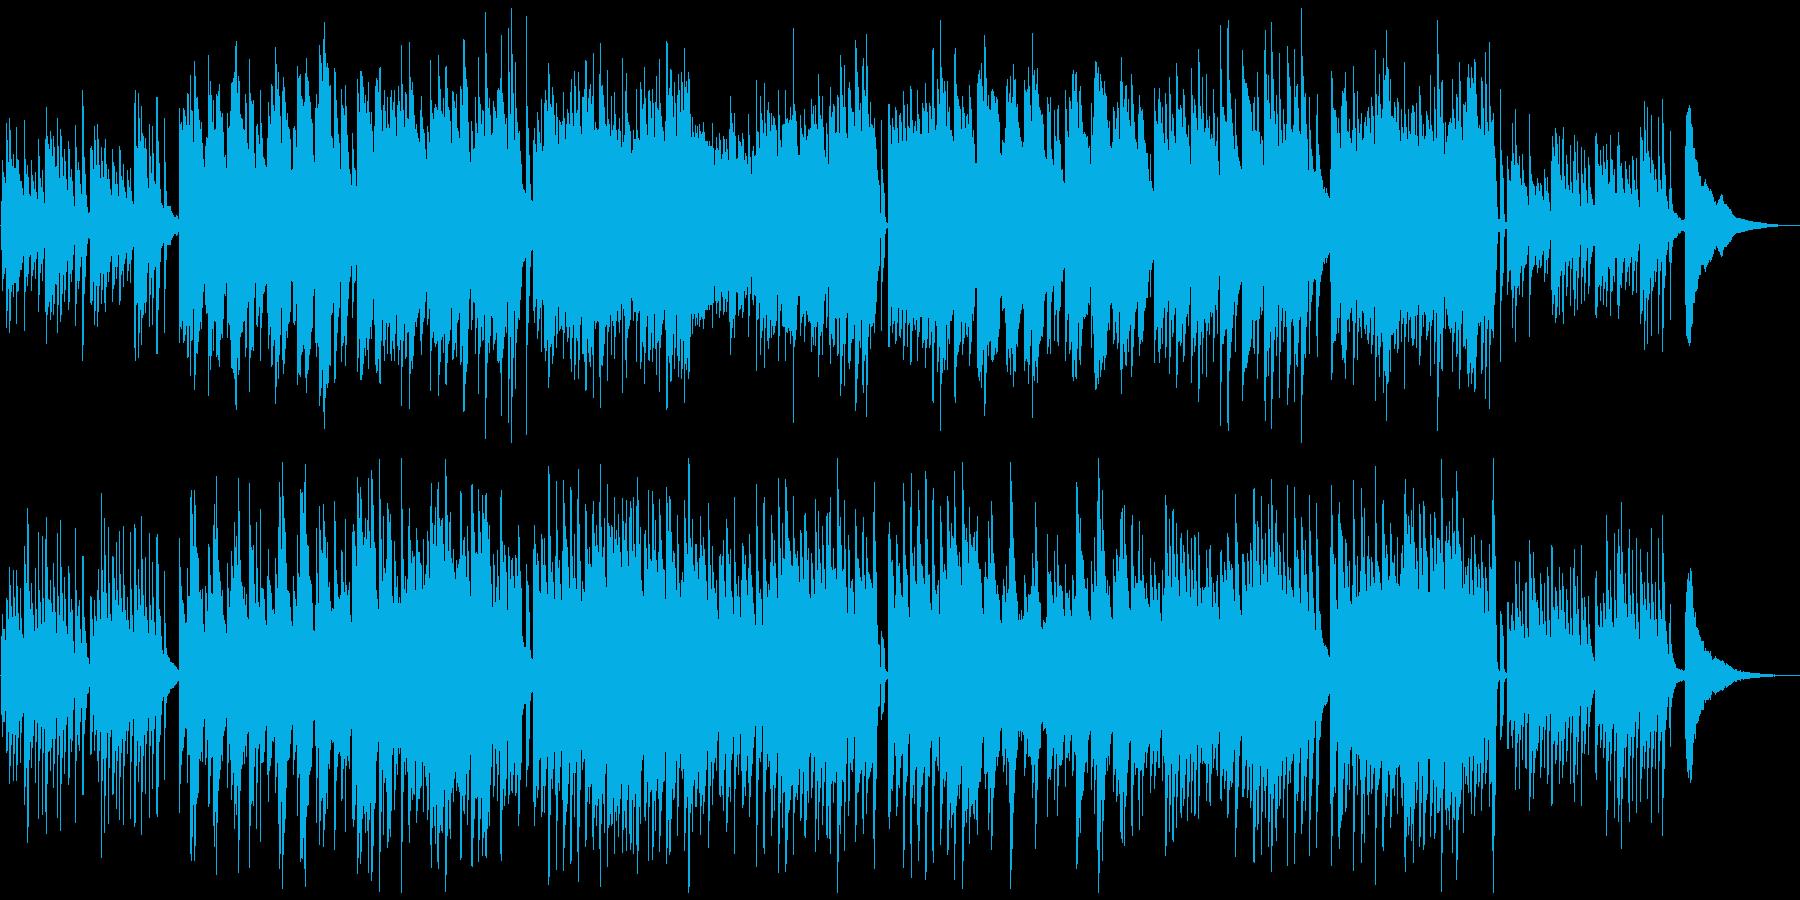 感動ソロピアノ 企業向ほのぼの爽やか軽快の再生済みの波形